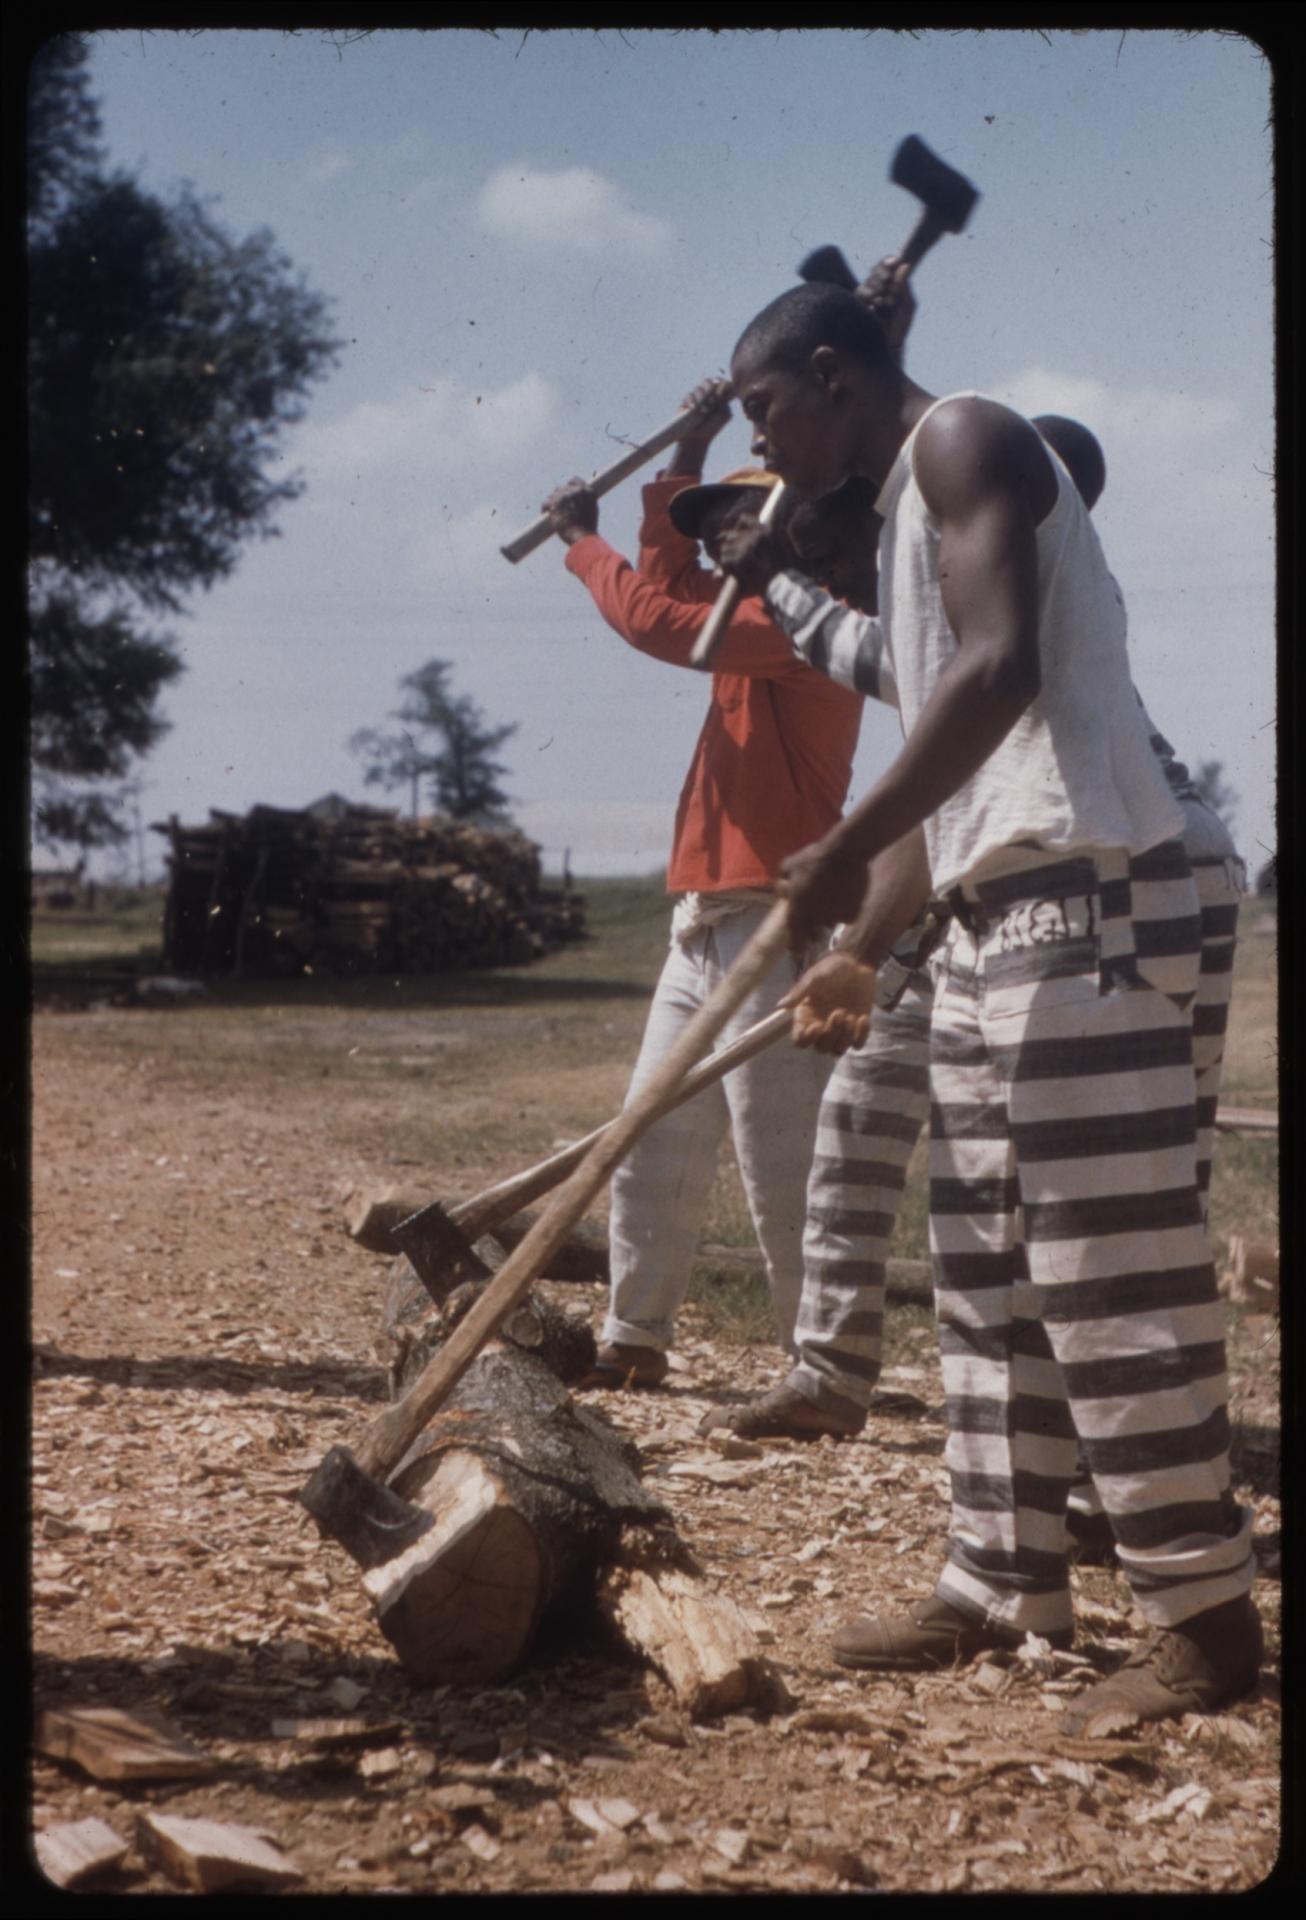 Alan Lomax, Prisoners chopping wood. Mississippi State Penitentiary (Parchman Farm) (Więźniowie rąbiący drewno. Stanowe Więzienie Mississippi (Farma Parchman), 1959, kolekcja American Folklife Center, Library of Congress. Dzięki uprzejmości the Association for Cultural Equity